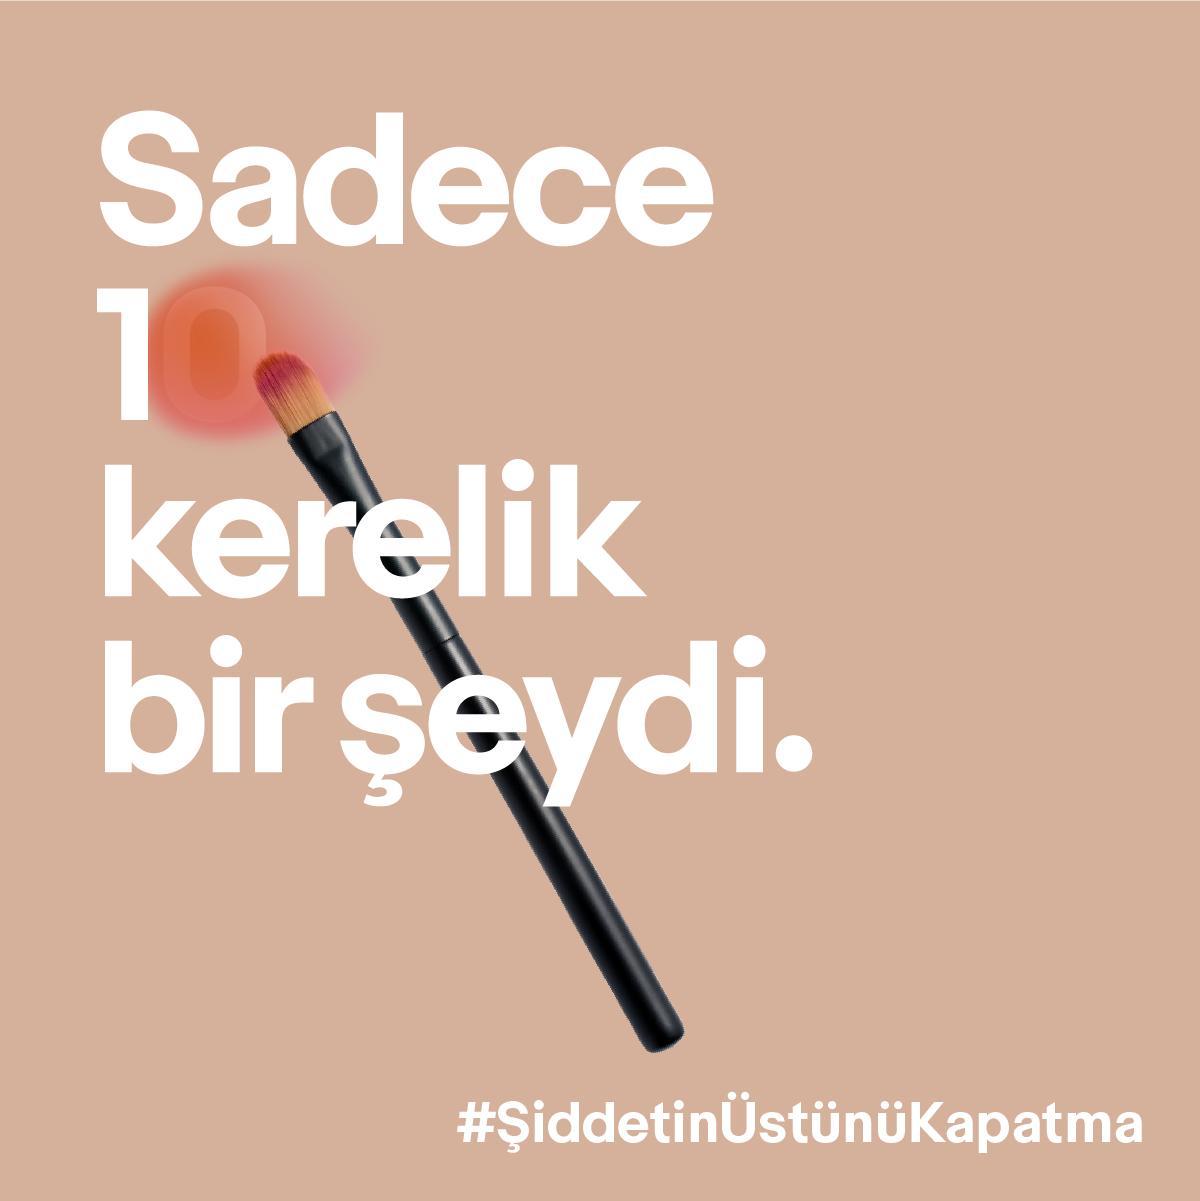 kadina-siddet-siddetin-ustunu-kapatma-gitti-gidiyor-reklami-turkiyenin-reklamlari-gitti-gidiyor-reklamlari